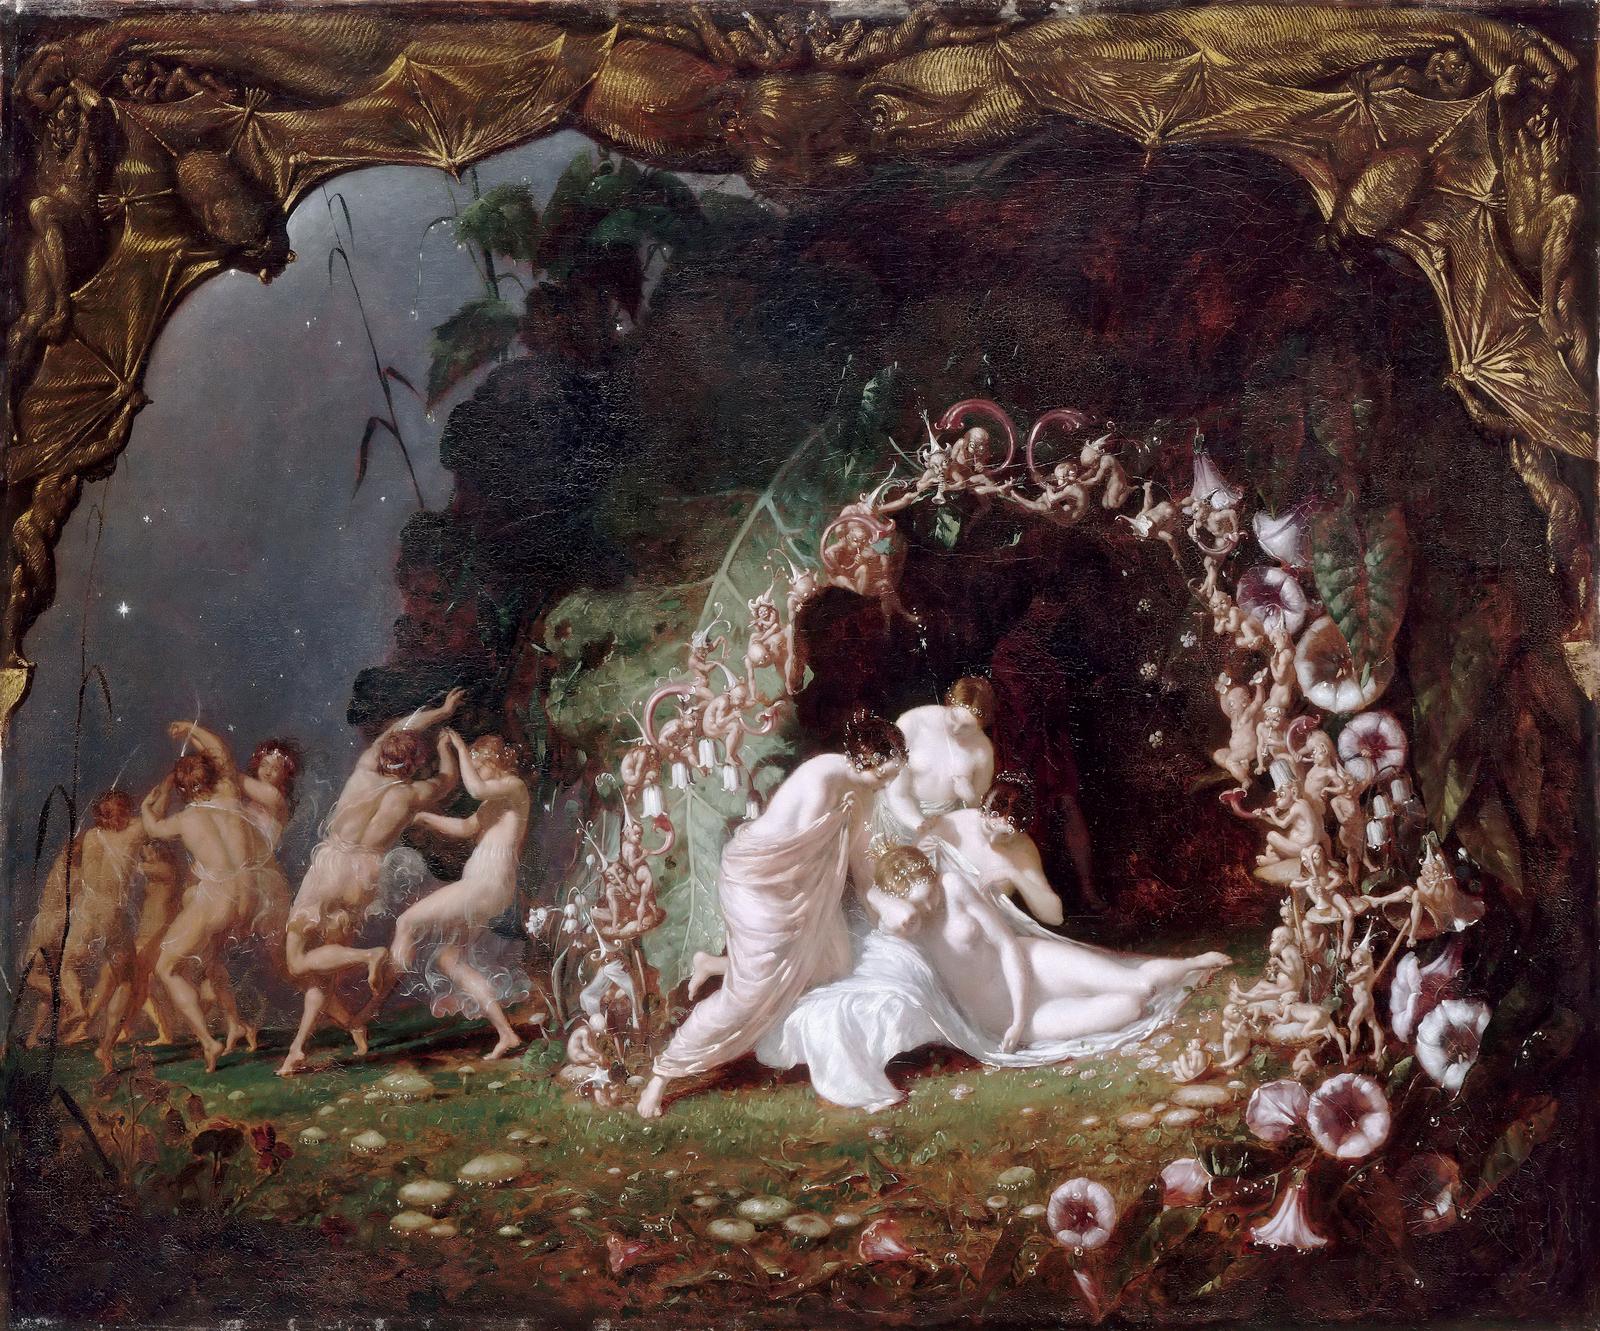 Titania Sleeping by Richard Dadd, 1817-1886